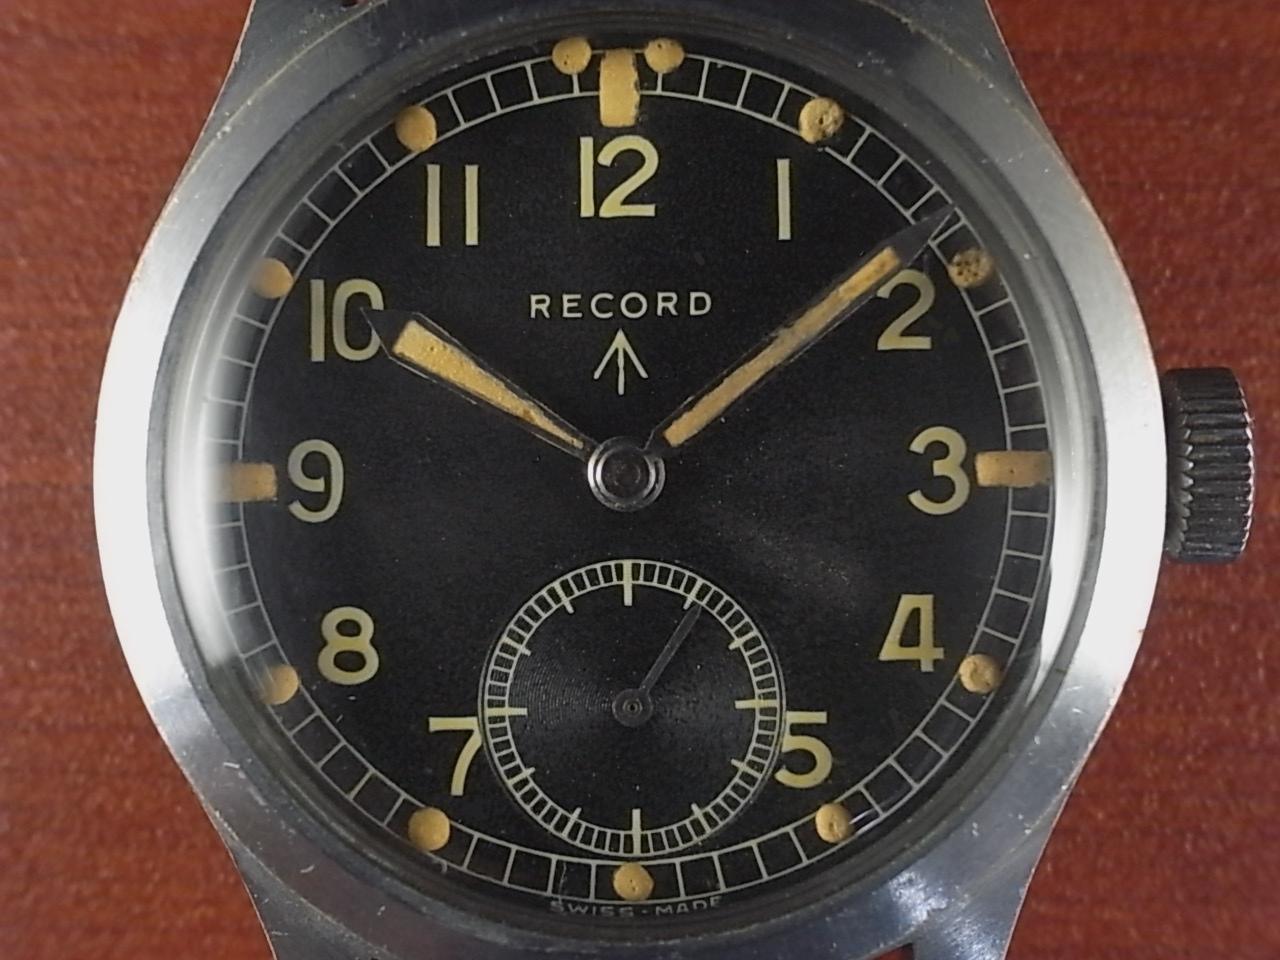 レコード 軍用時計 イギリス陸軍 W.W.W. 第二次世界大戦 1940年代の写真2枚目